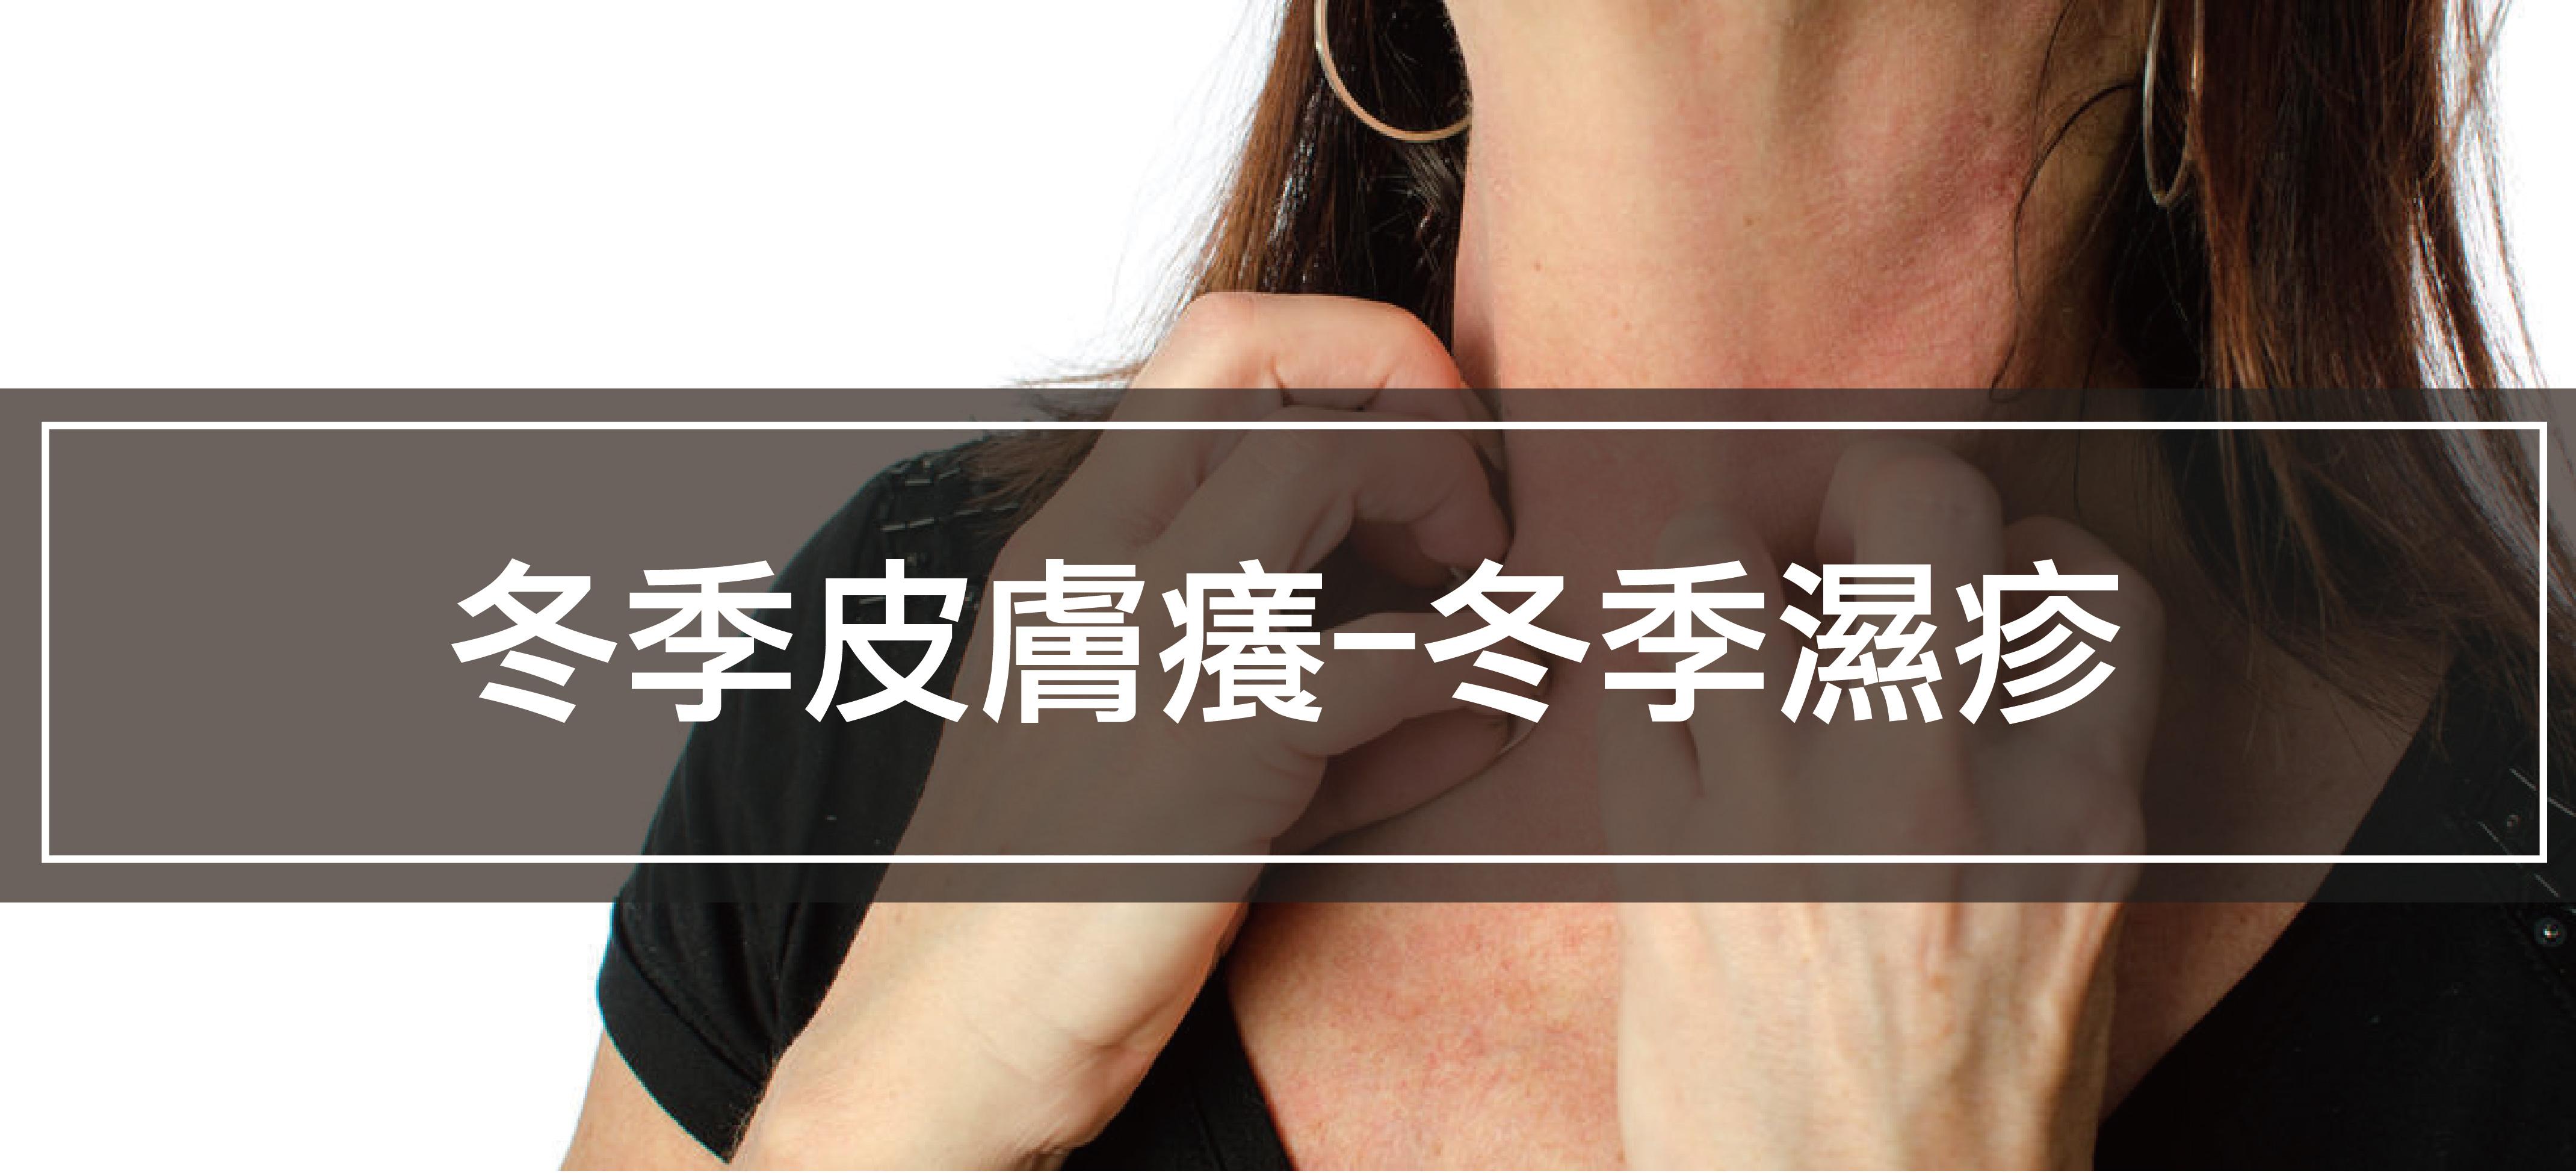 冬季皮膚癢-冬季濕疹/文:洪啟偉醫師